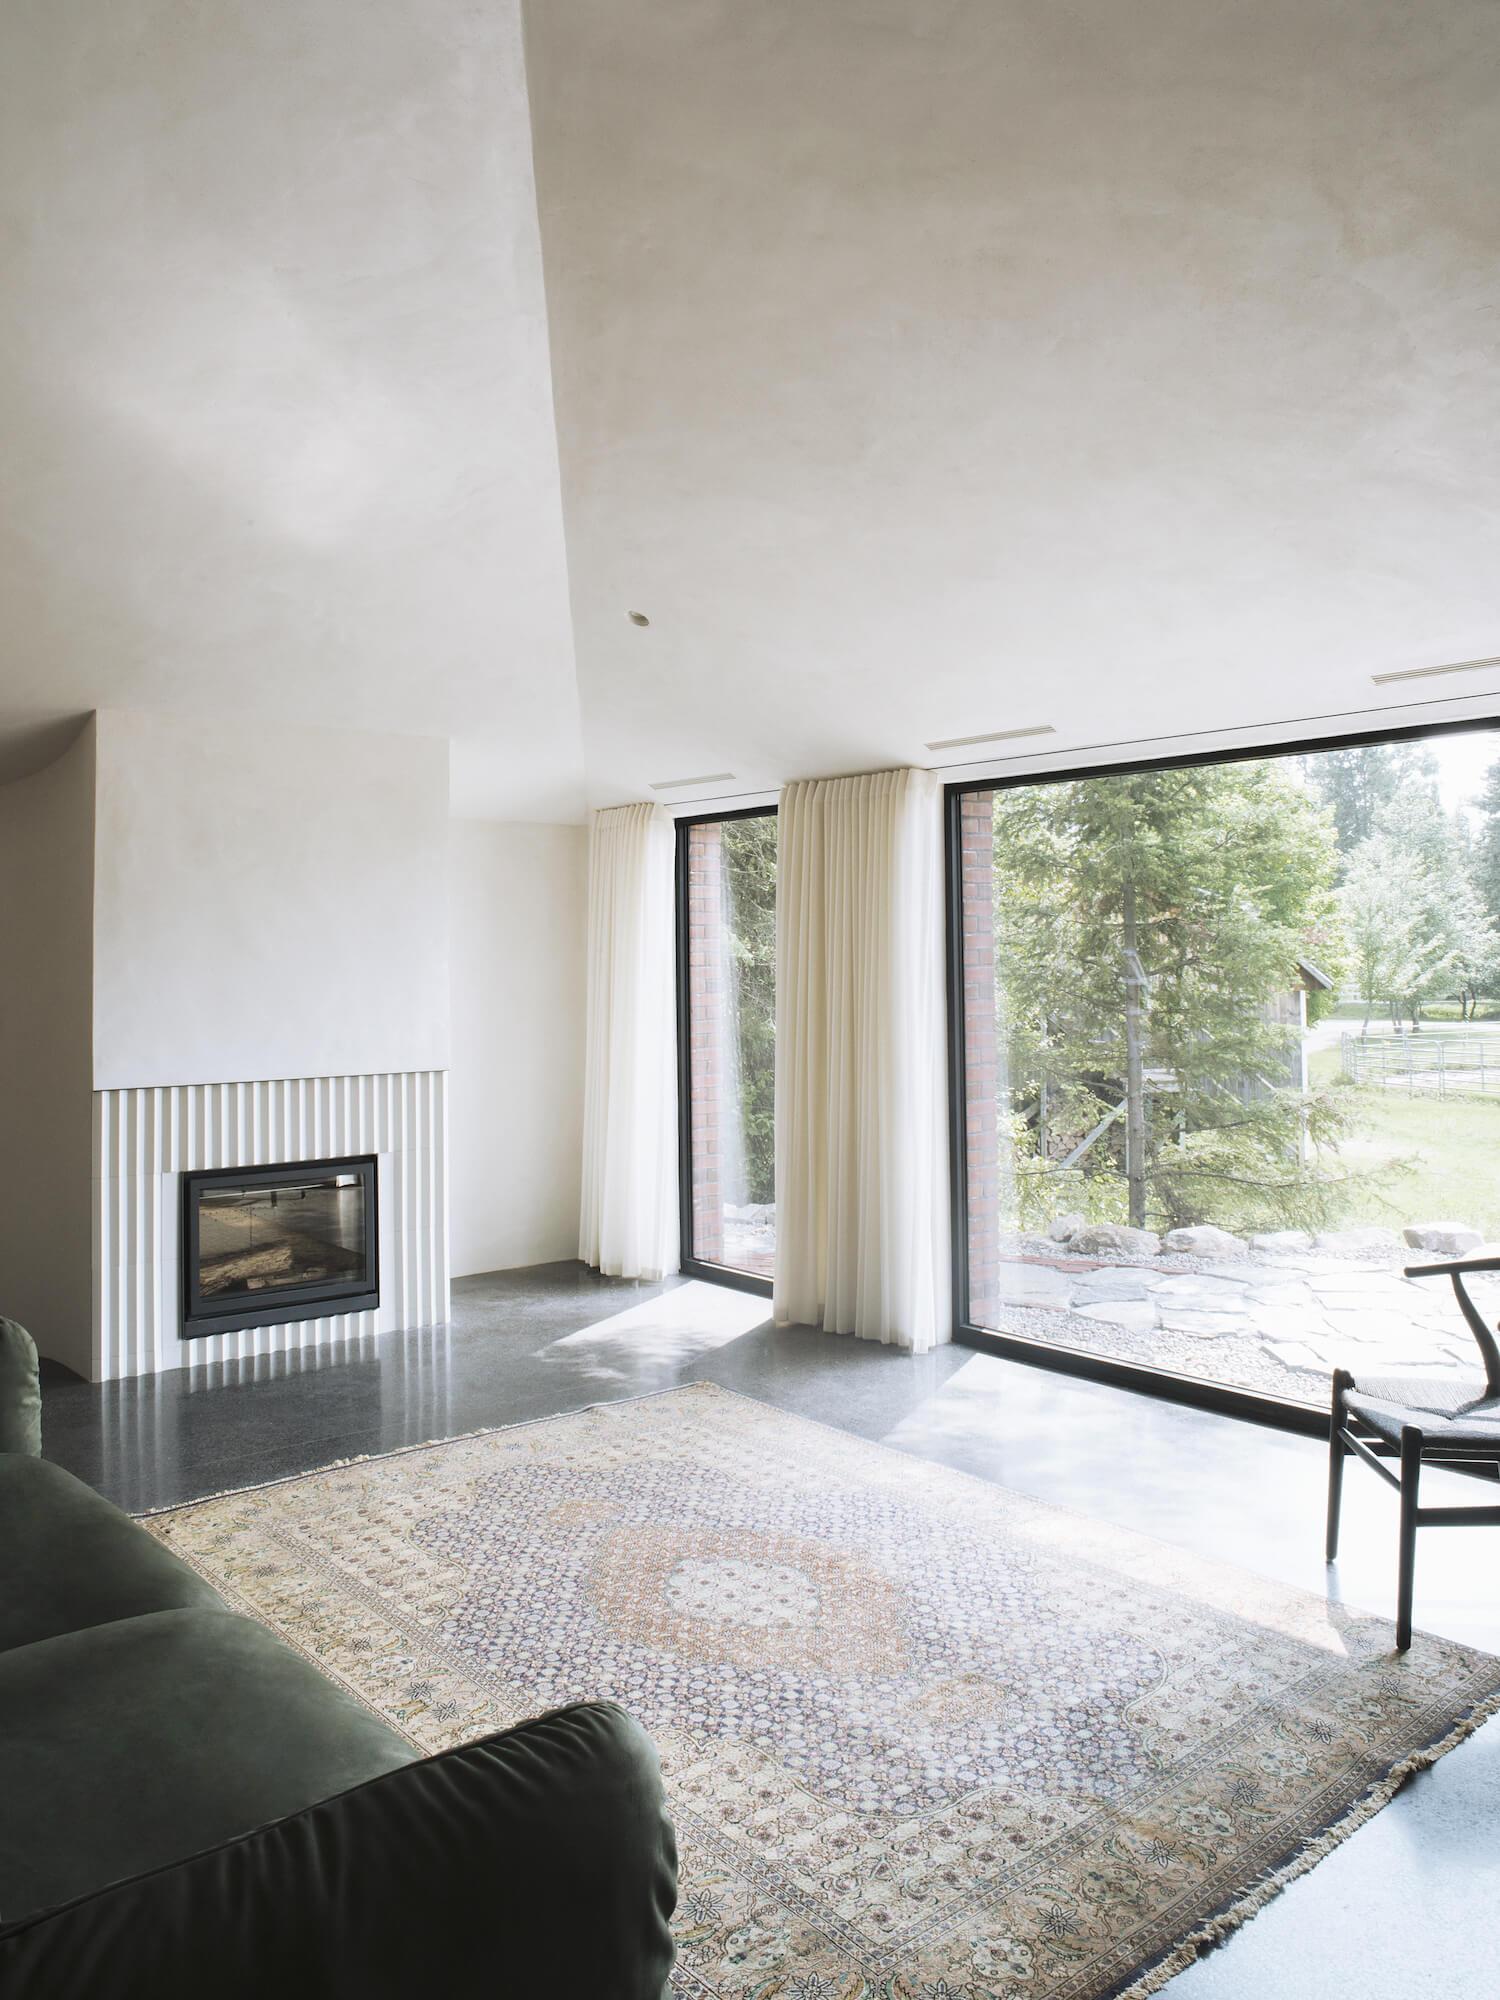 est living gathier residence atelier barda 3